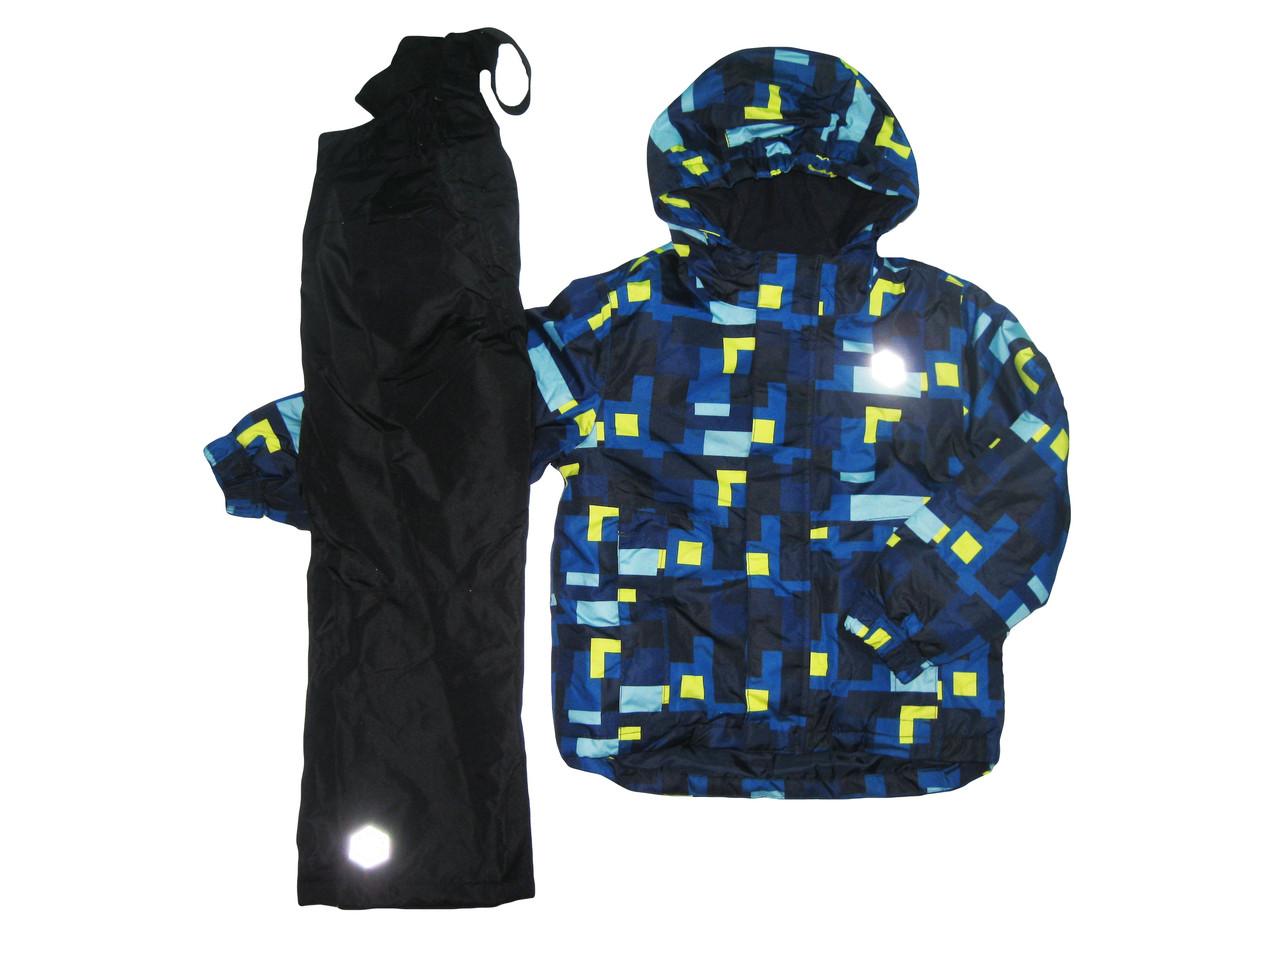 Комбинезон с курткой для мальчика, Lupilu, размер 86/92, арт. Л-220